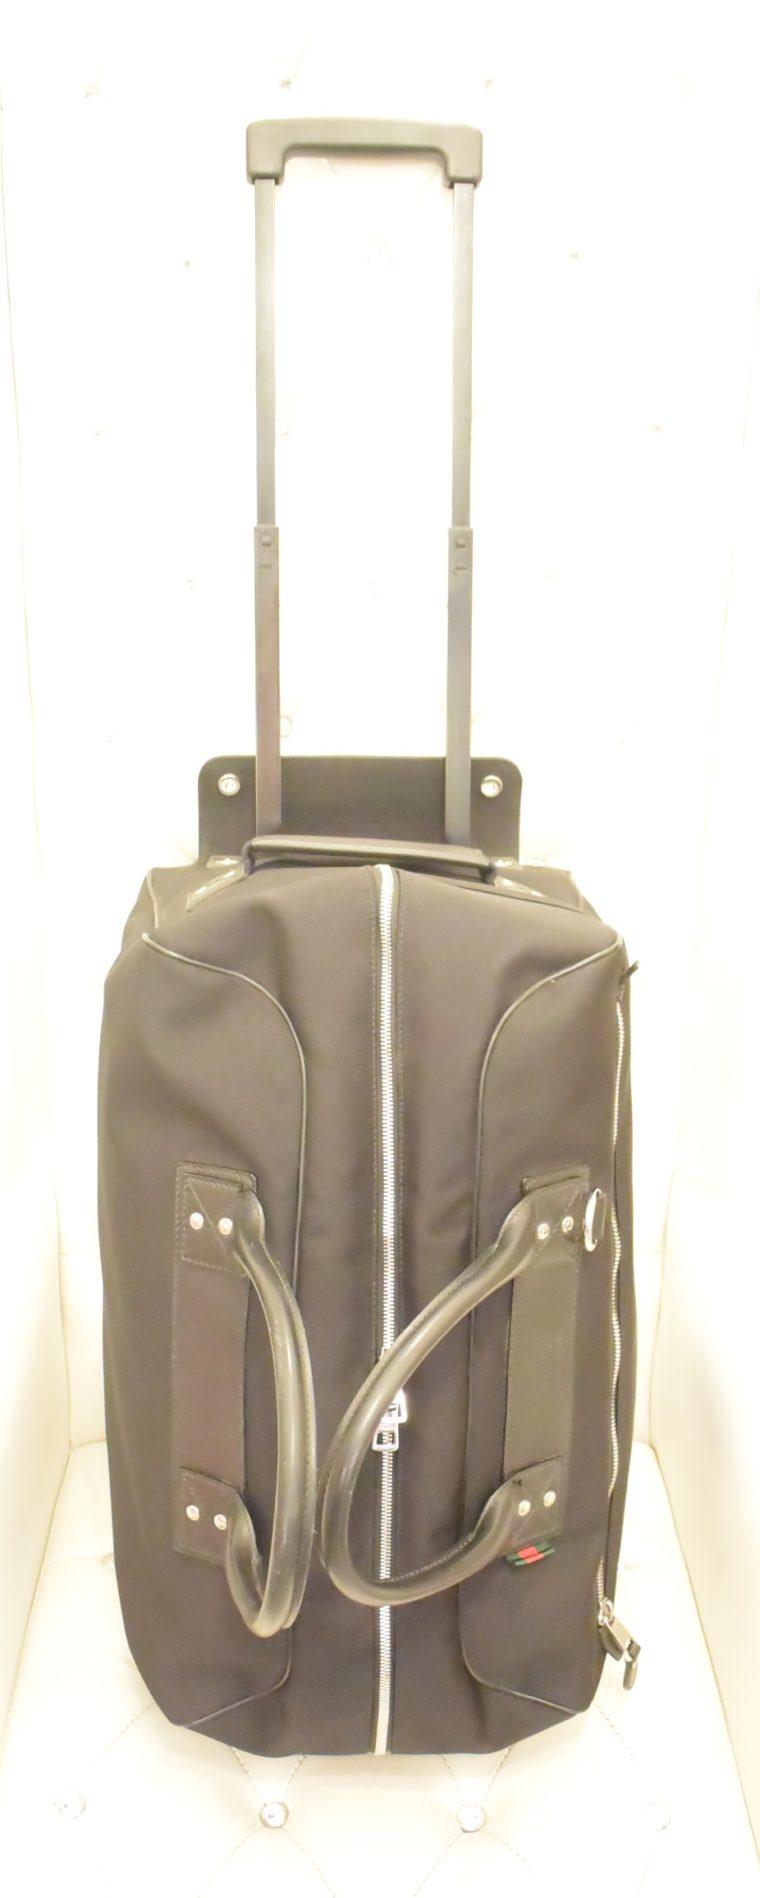 Gucci Reisetasche Trolley Koffer schwarz-0